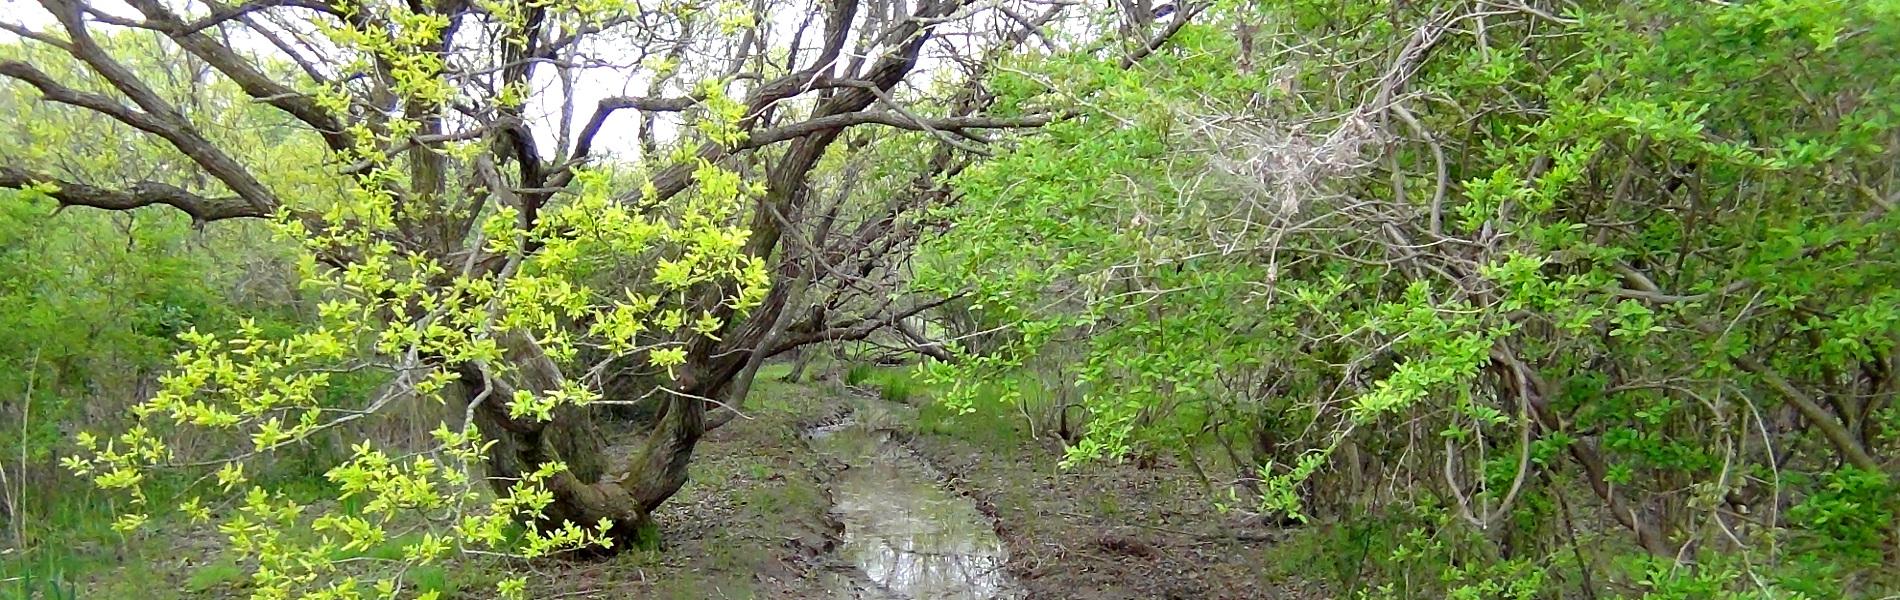 野鳥の森散策路の小川